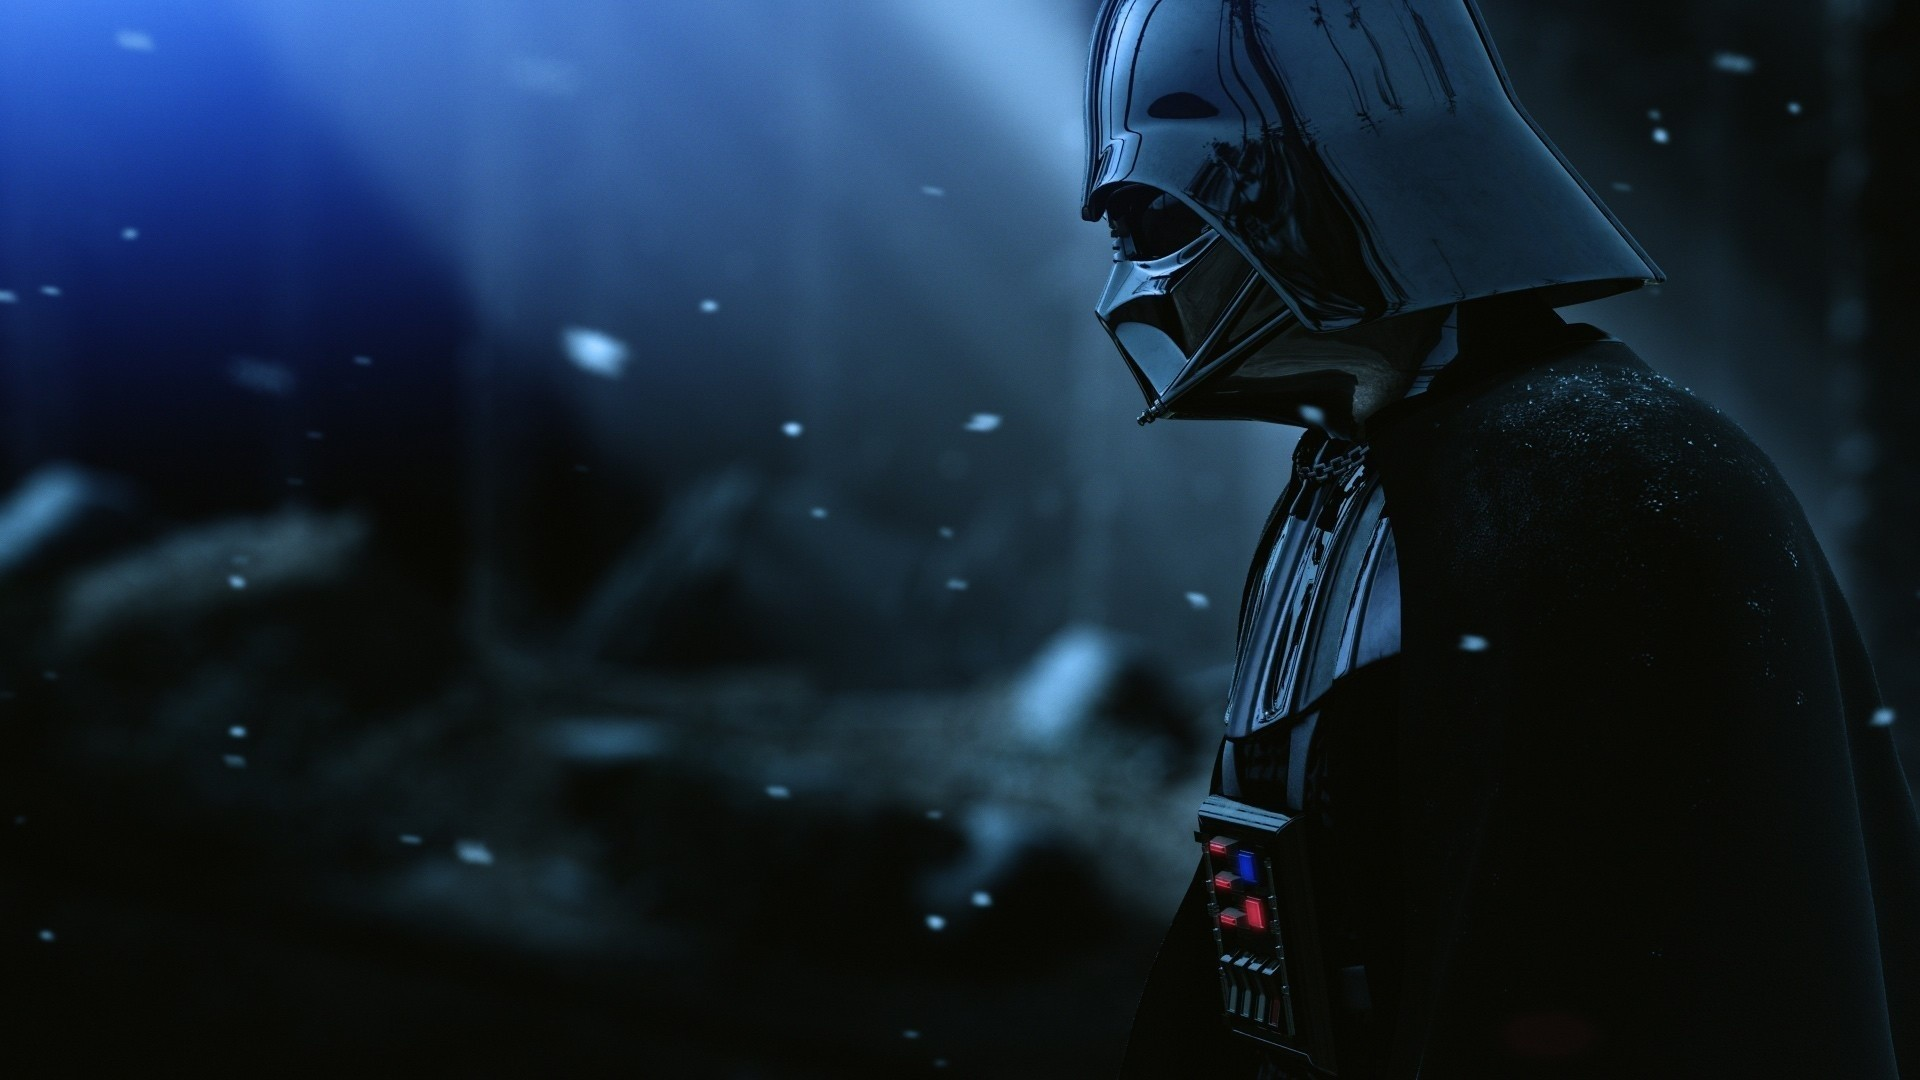 darth vader, armor, star wars